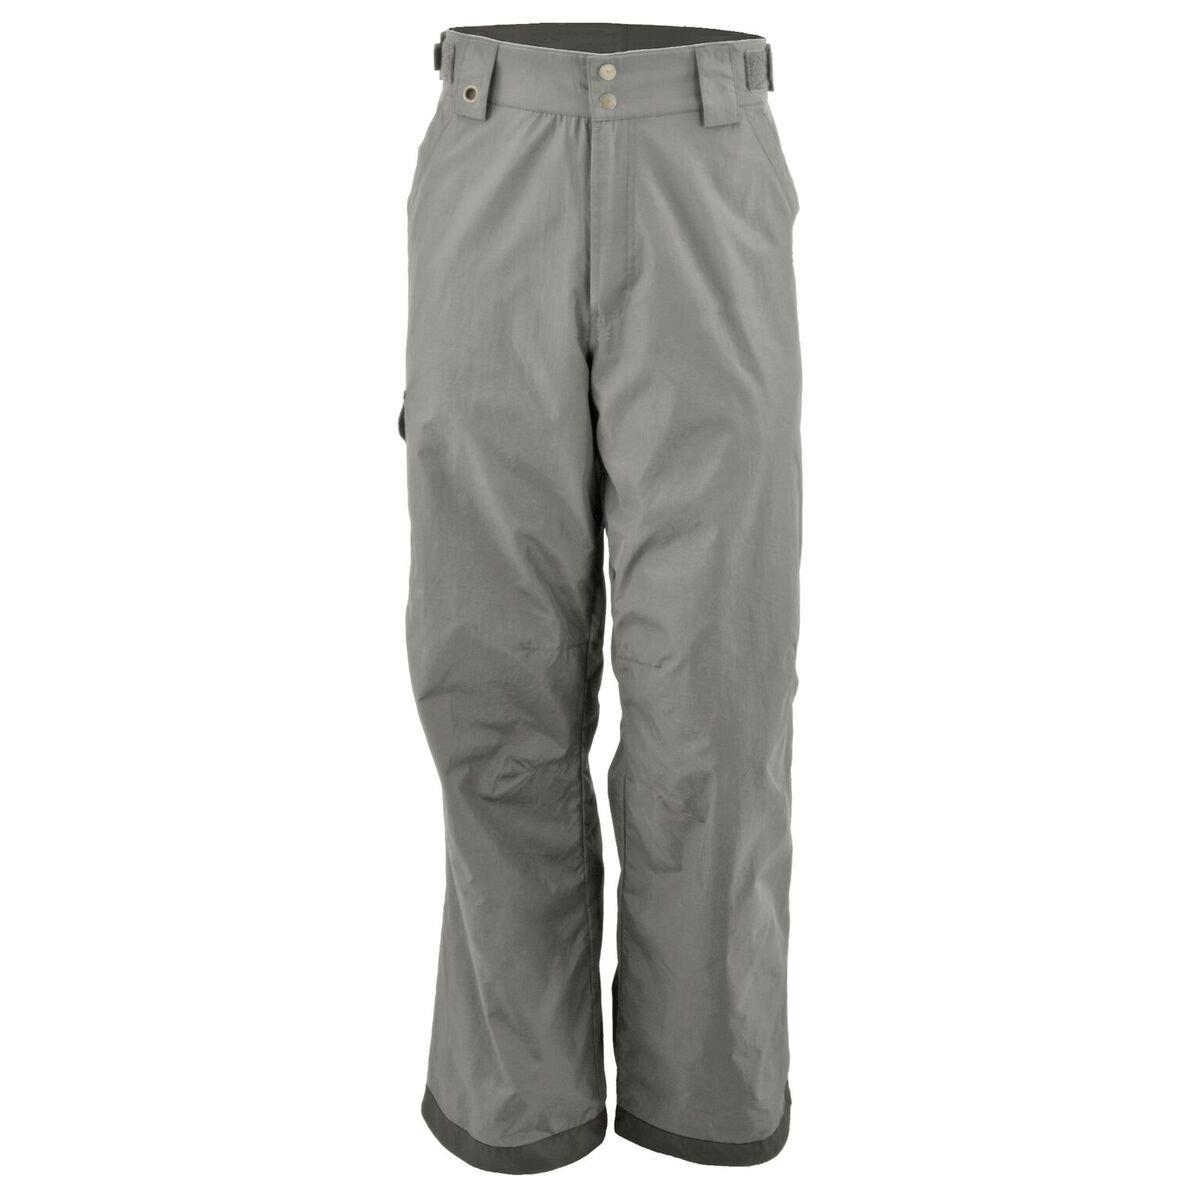 Sierra Soquel Hose – 76,2 m Schrittlänge